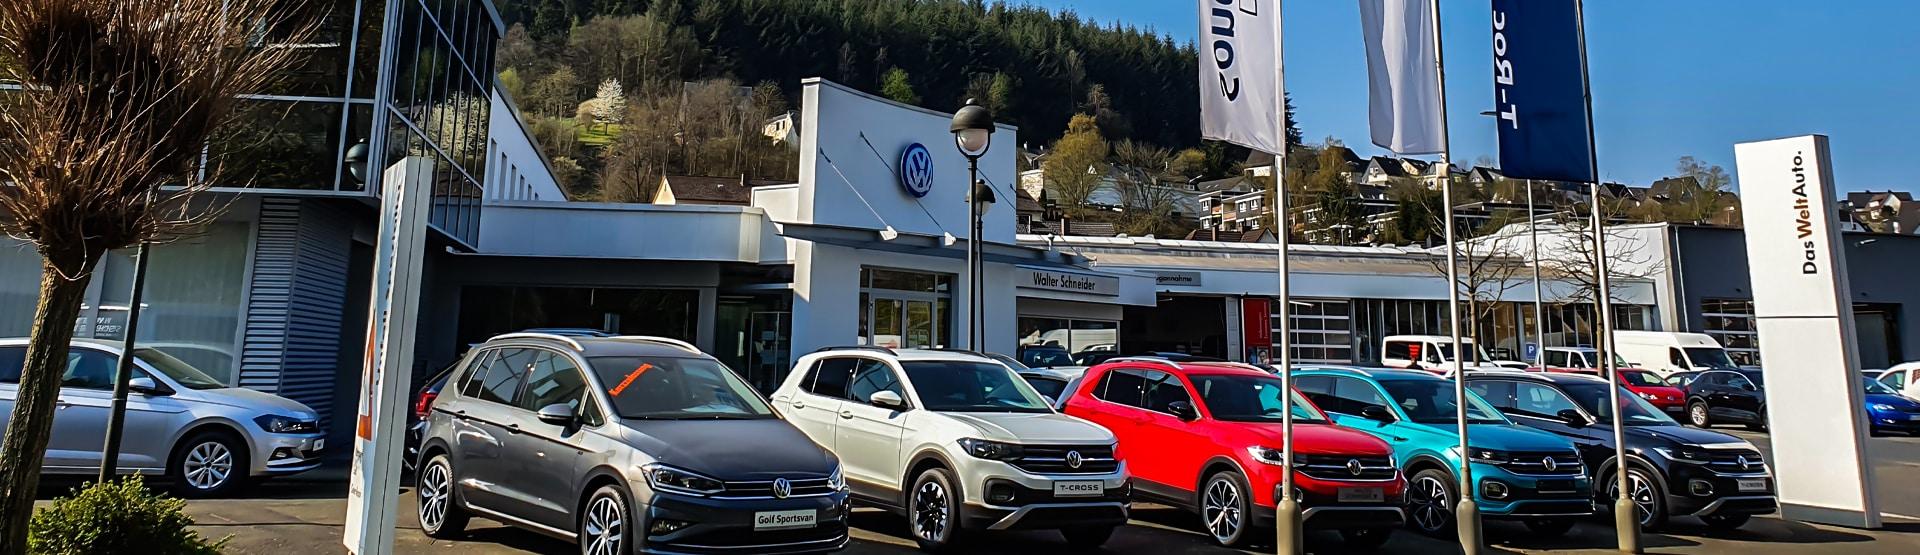 Autohaus Walter Schneider in Siegen-Fludersbach